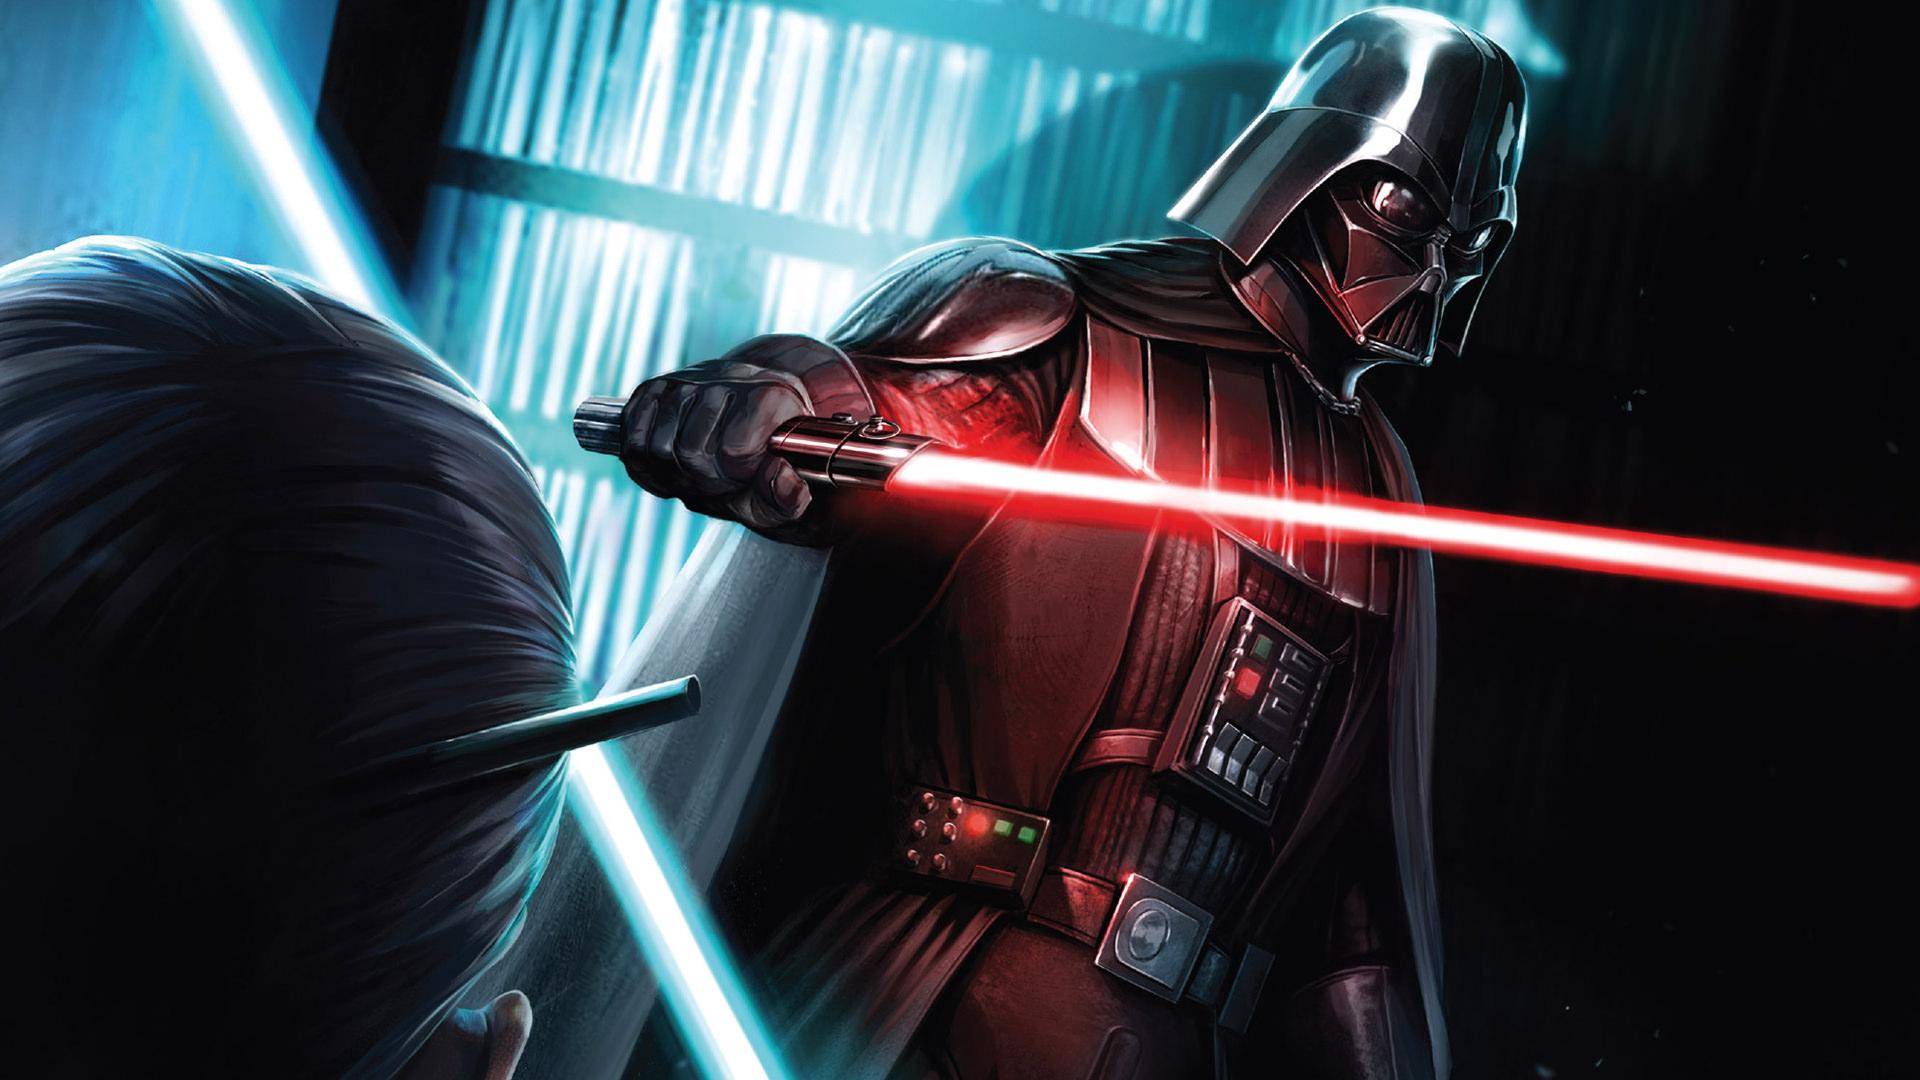 Darth Vader Lightsaber 71080 Hd Wallpaper Backgrounds